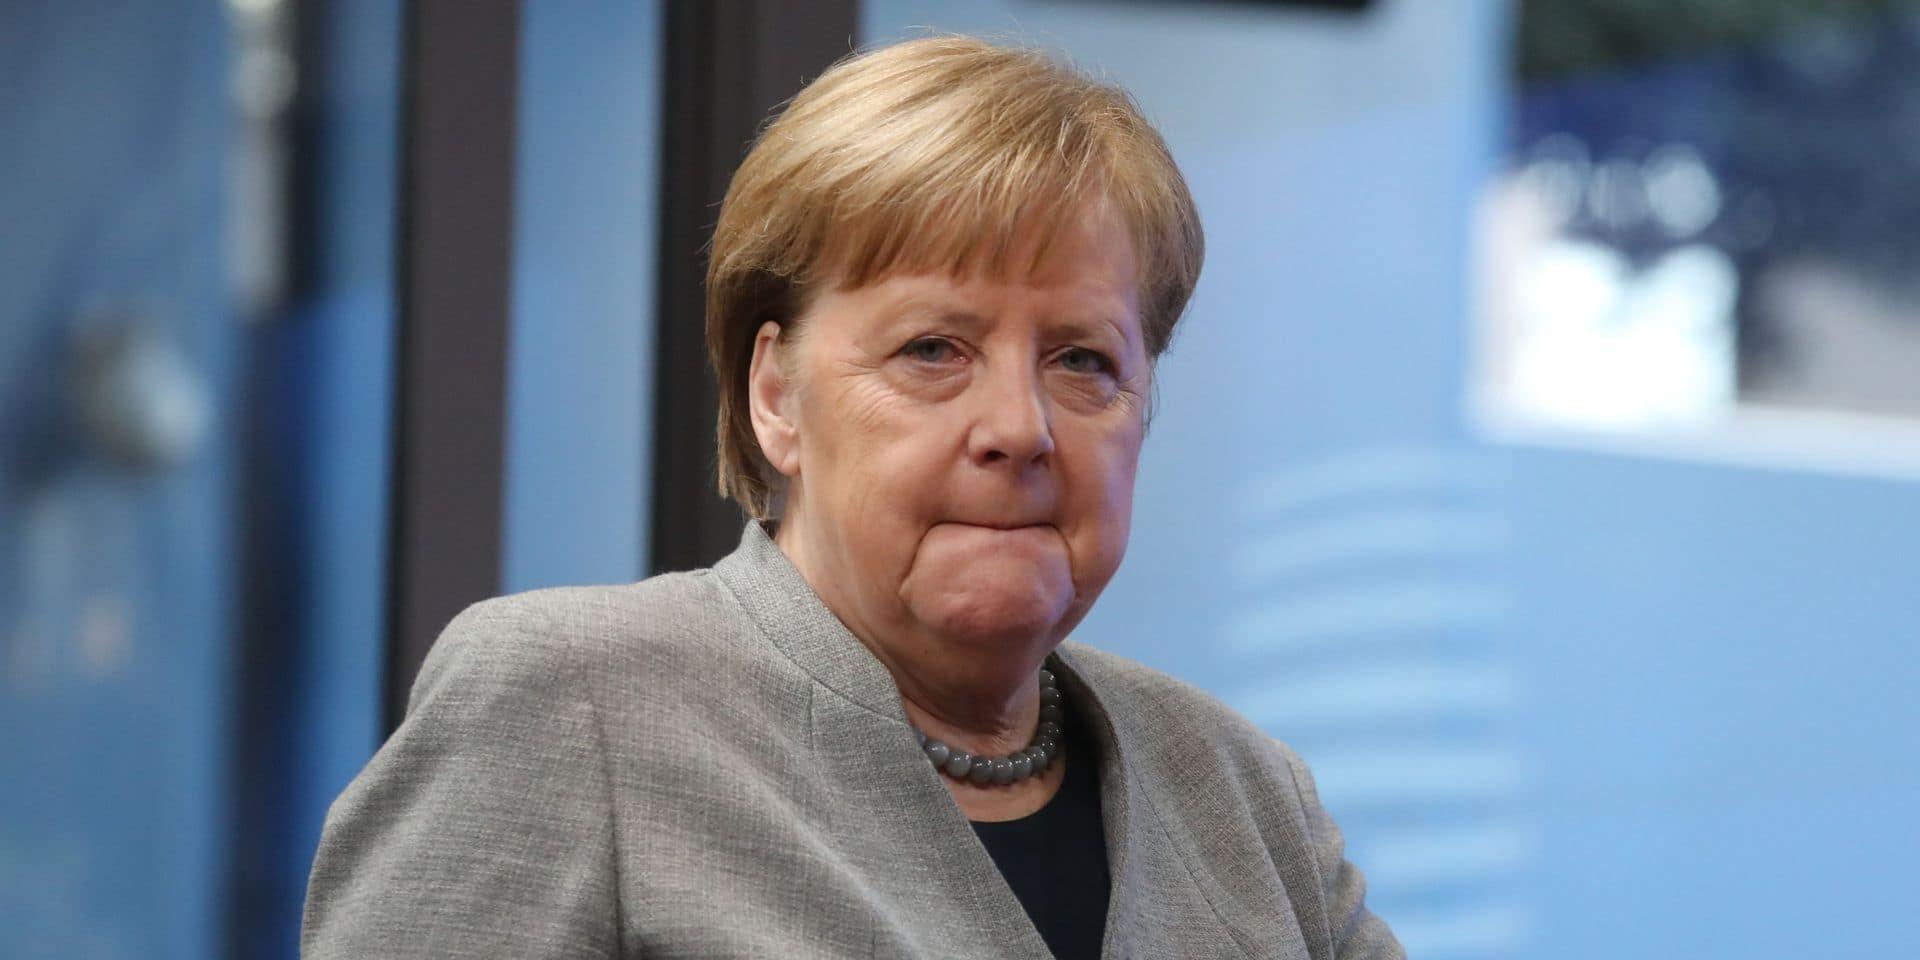 L'Allemagne prévoit un plan d'aide économique de 822 milliards d'euros pour faire face aux conséquences du coronavirus